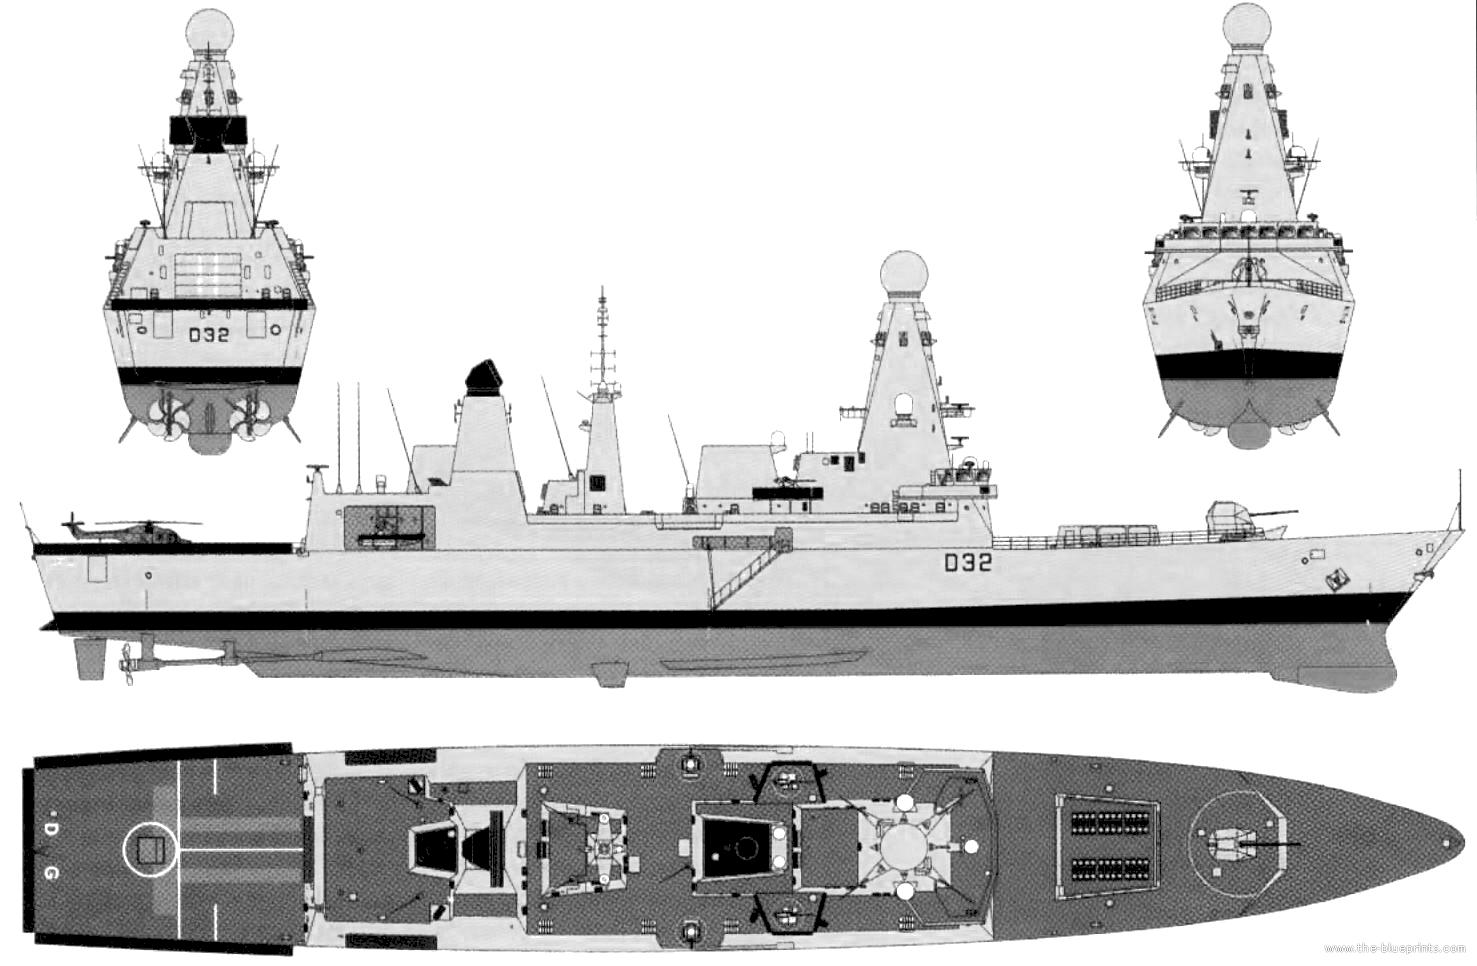 Blueprints Gt Ships Gt Destroyers Uk Gt Hms Daring D32